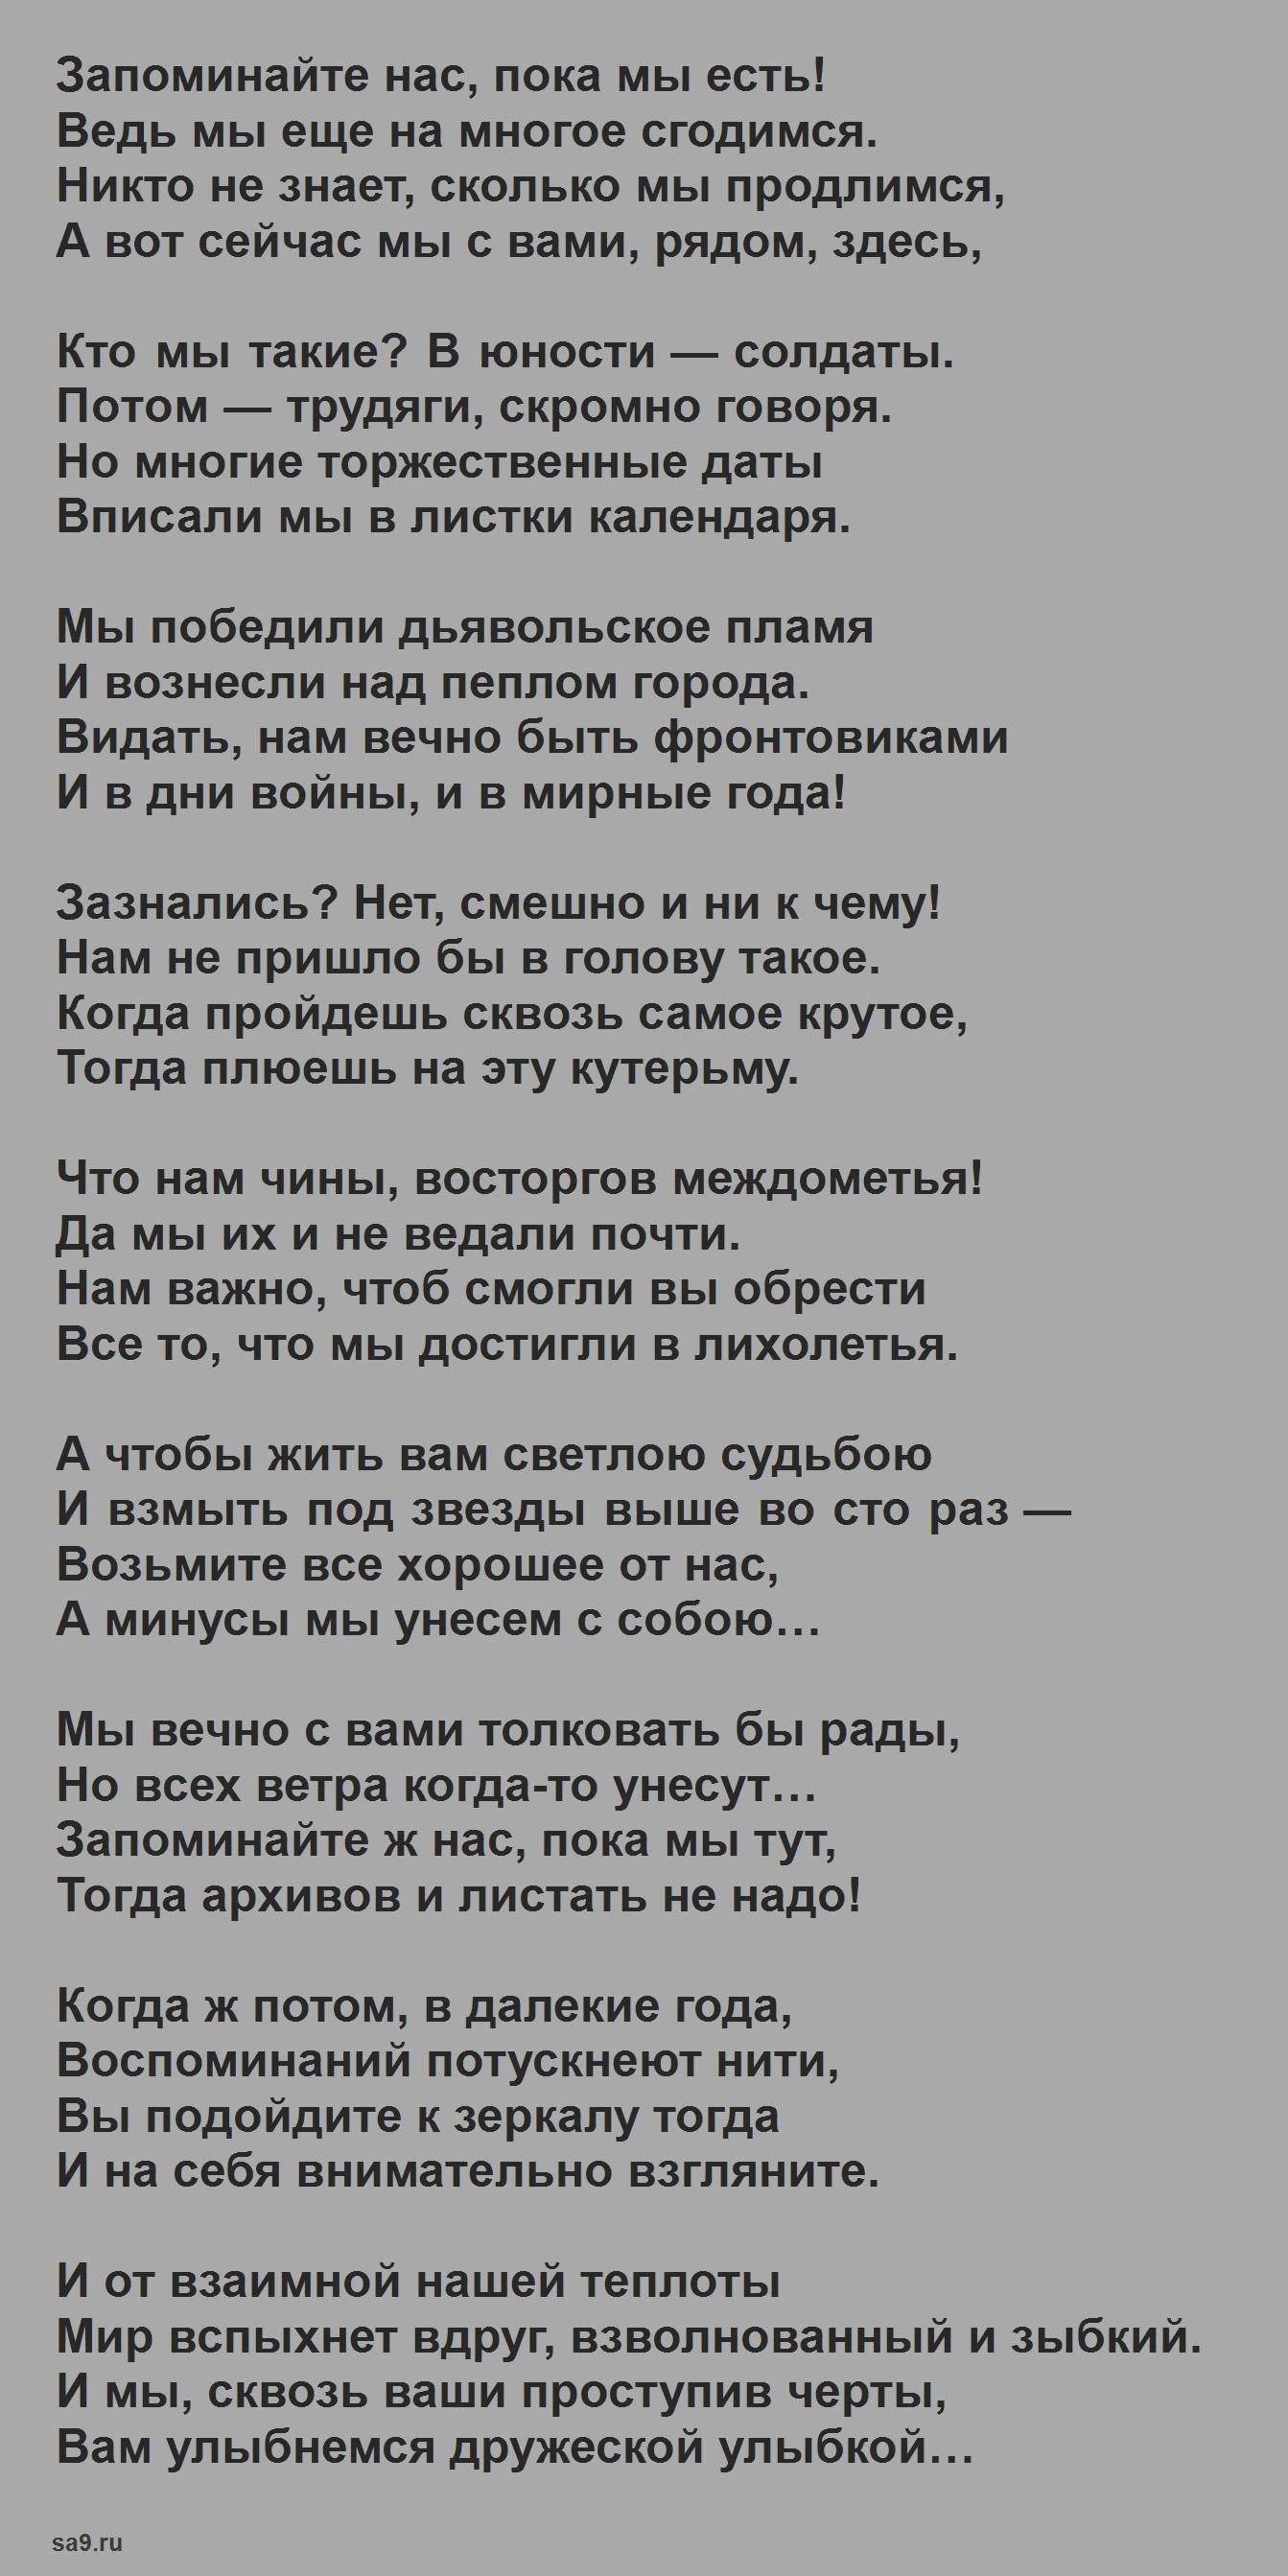 Читать стихи Асадова о жизни - Запоминайте нас, пока мы есть